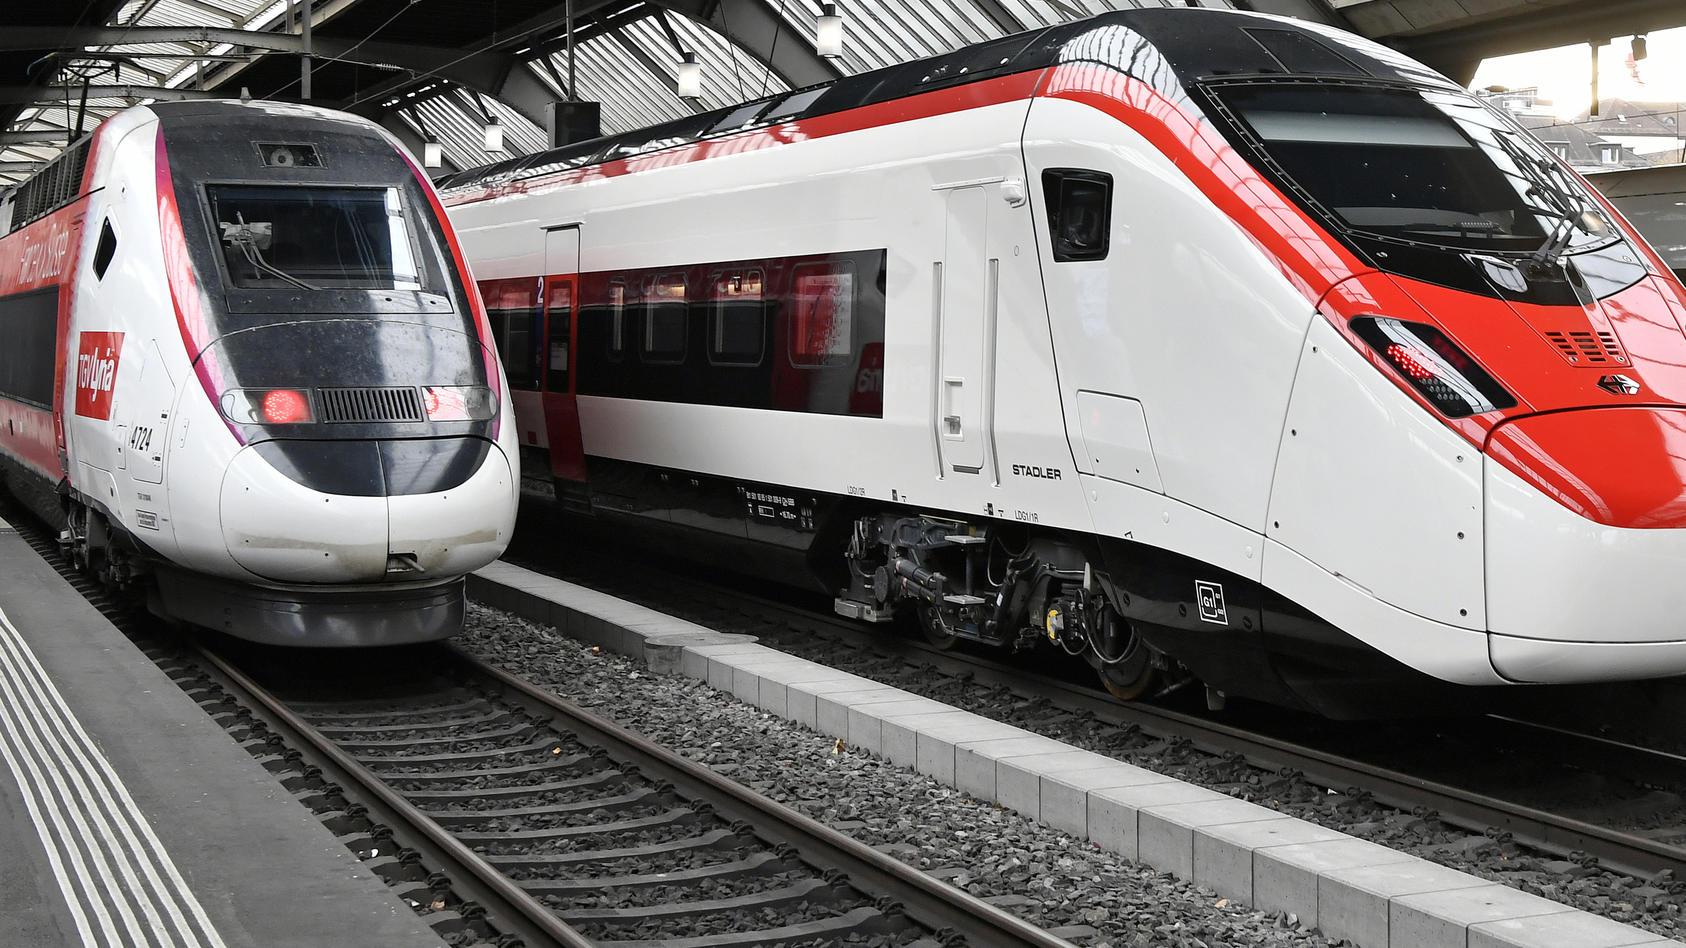 Eine Frau wurde von einem ihr unbekannten Mann vor einen fahrenden Zug geschubst. (Symbolbild)